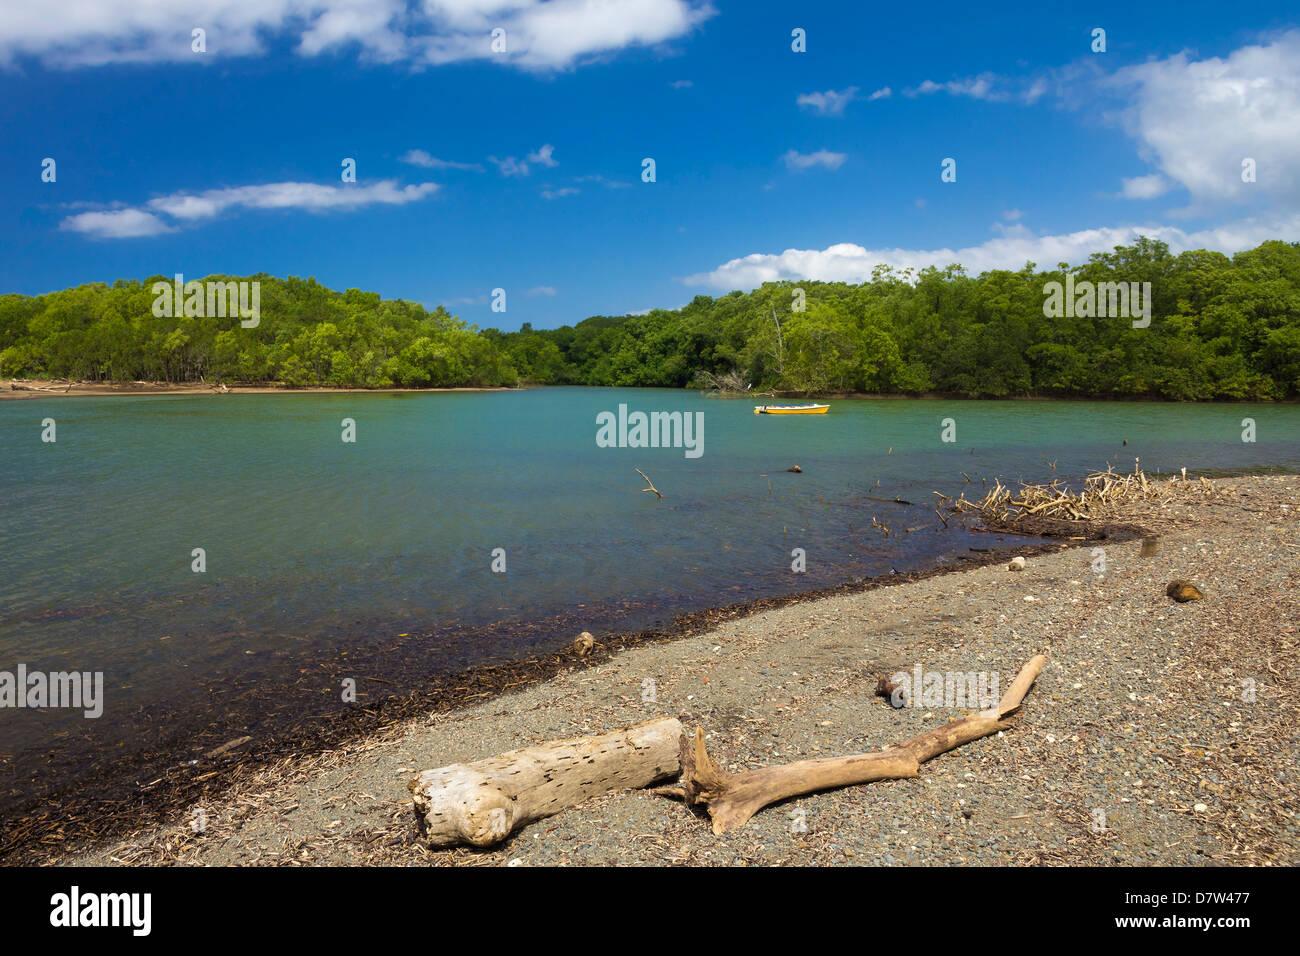 Vue sur le fleuve en direction de la bouche de Nosara la Réserve Biologique, Nosara, Péninsule de Nicoya, Photo Stock